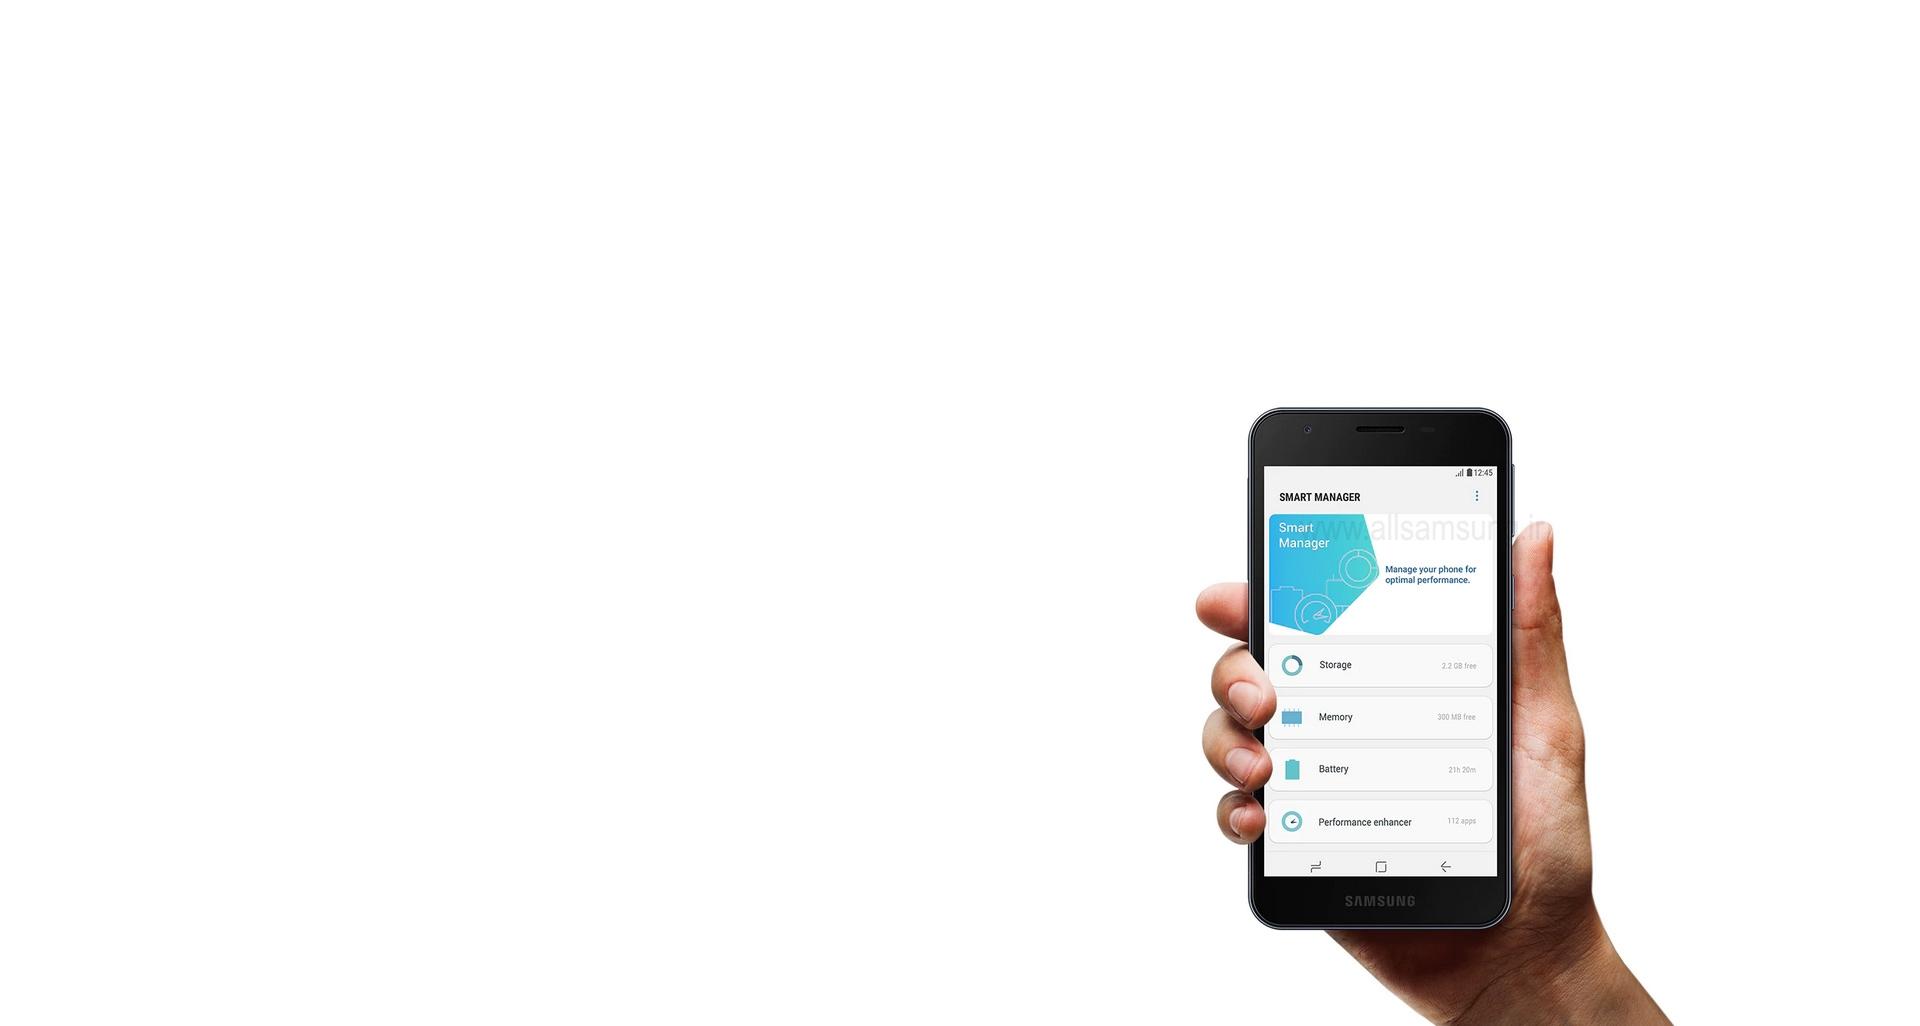 مدیریت حرفه ای گوشی همراه سامسونگ A2 Core